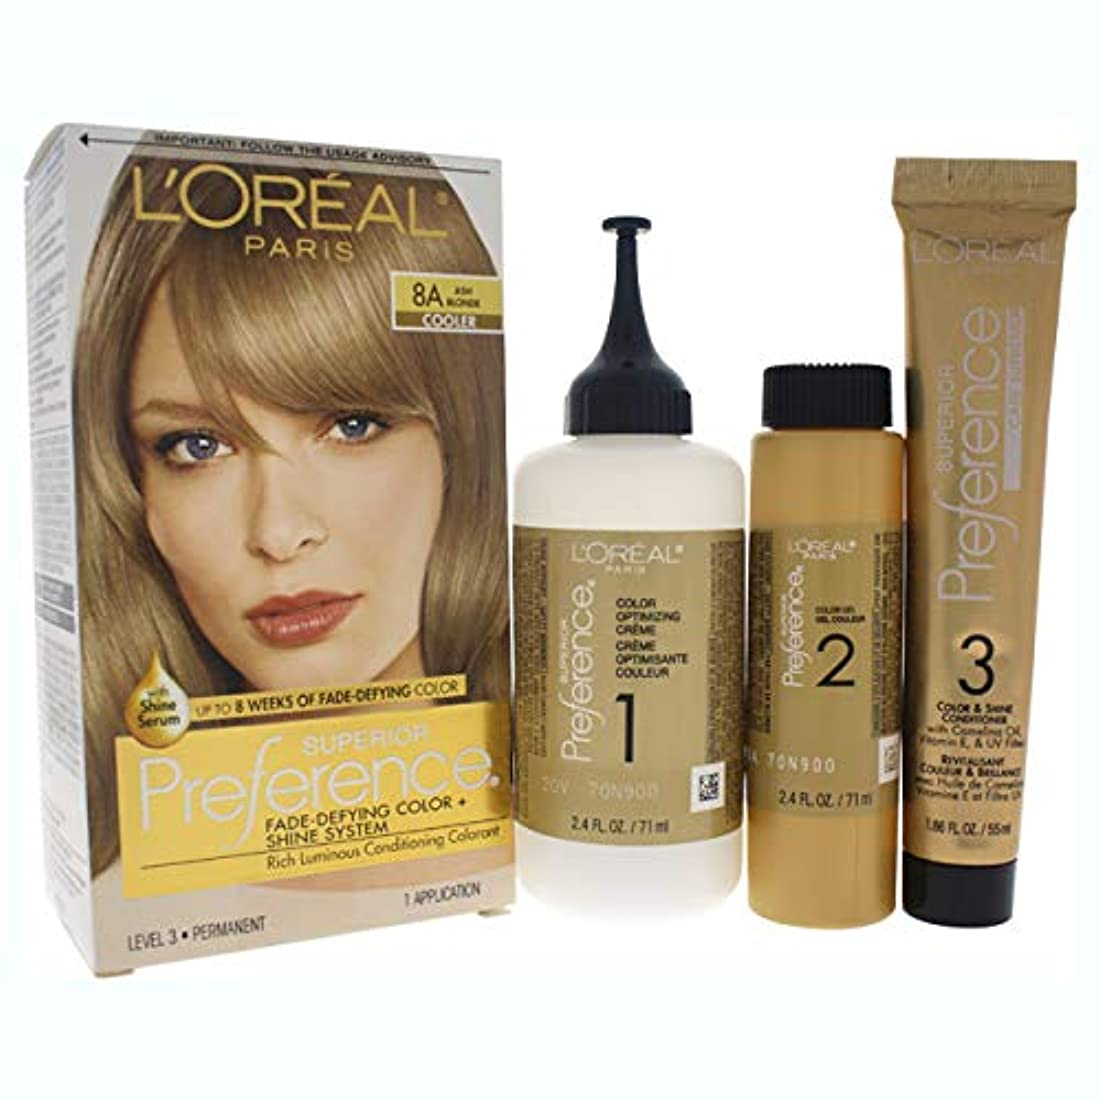 L'Oreal Paris 県Haircol 8Aサイズ1CTロレアルプリファレンスヘアカラーアッシュブロンド#8(a)